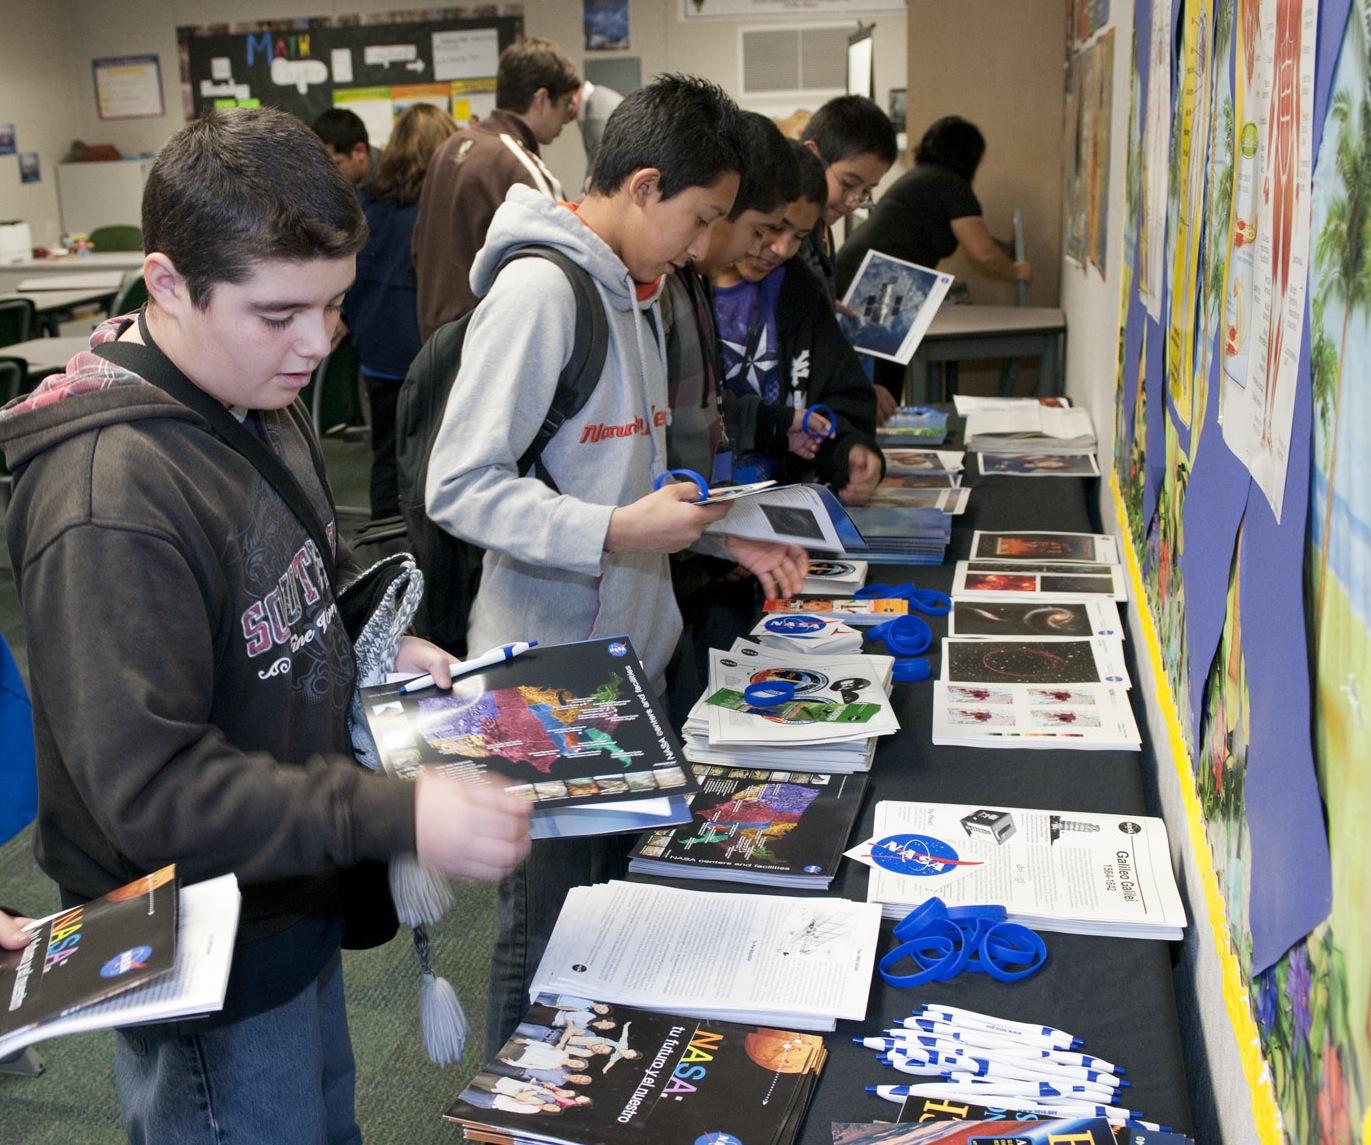 nasa education materials - photo #25